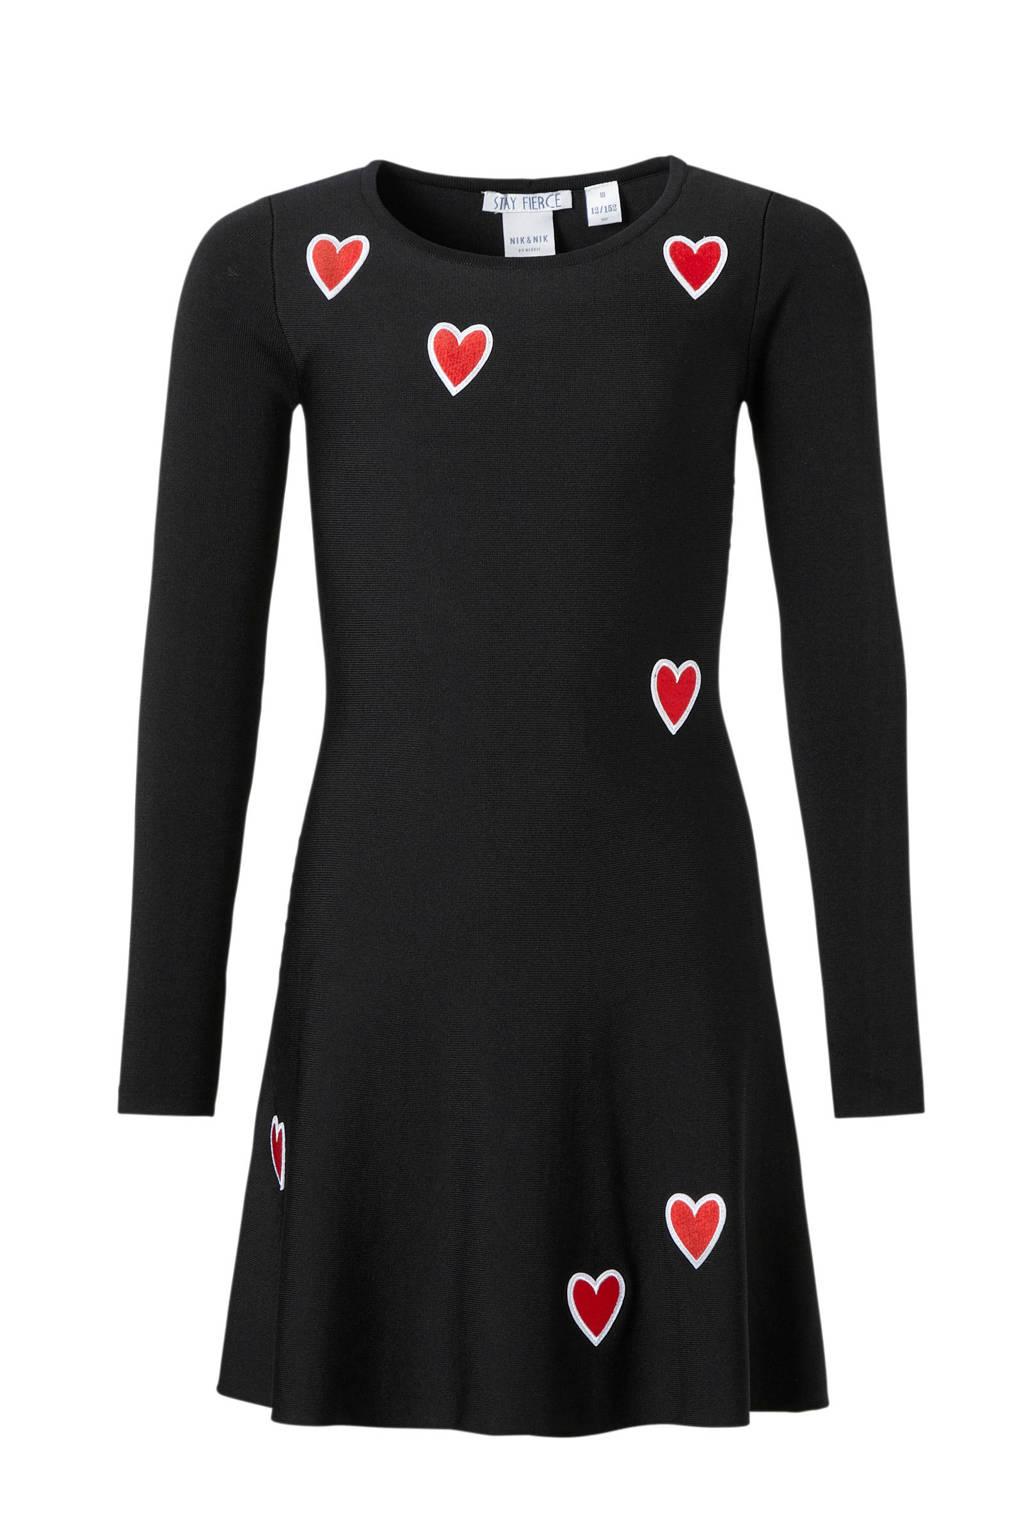 NIK&NIK jurk Rena zwart, Zwart/rood